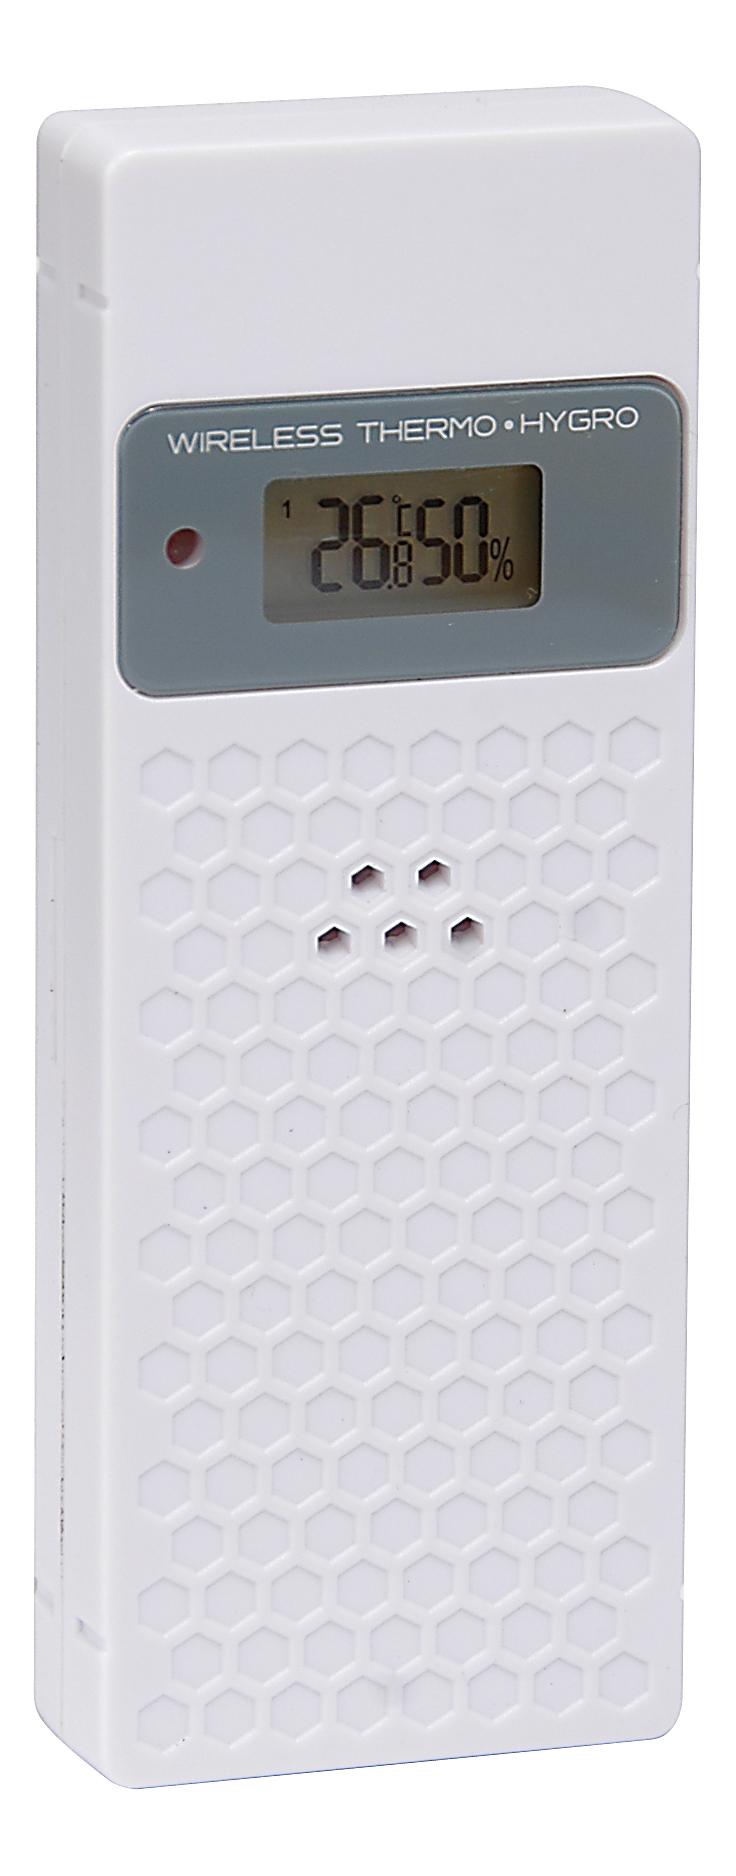 Nexa temperaturmåler /Hygrometer 14681 (Kan sendes i brev)